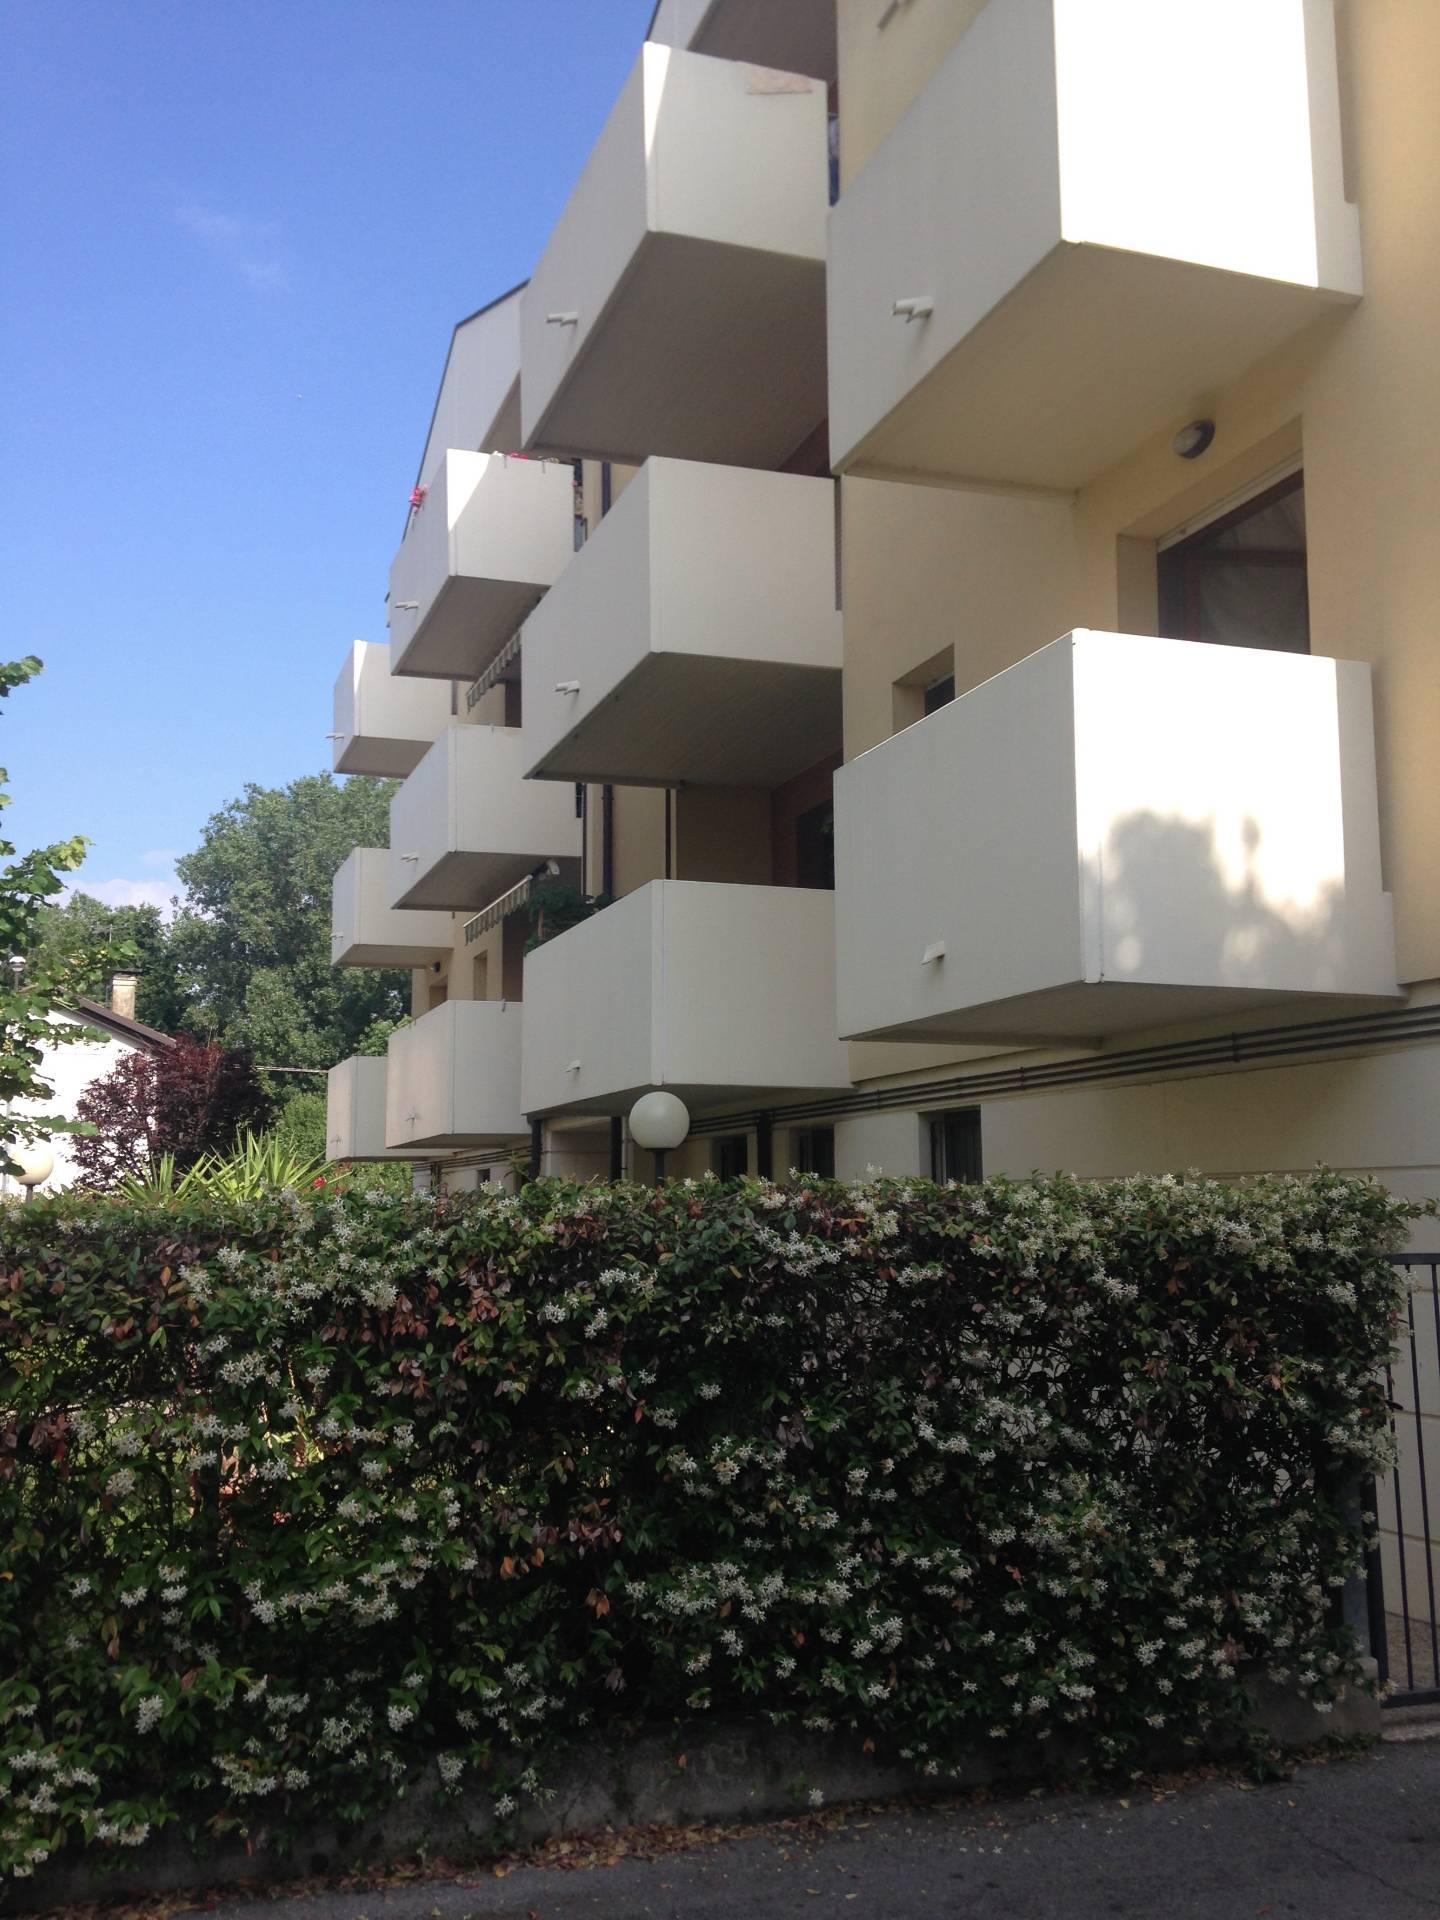 Appartamento in vendita a Spinea, 5 locali, prezzo € 130.000 | Cambio Casa.it